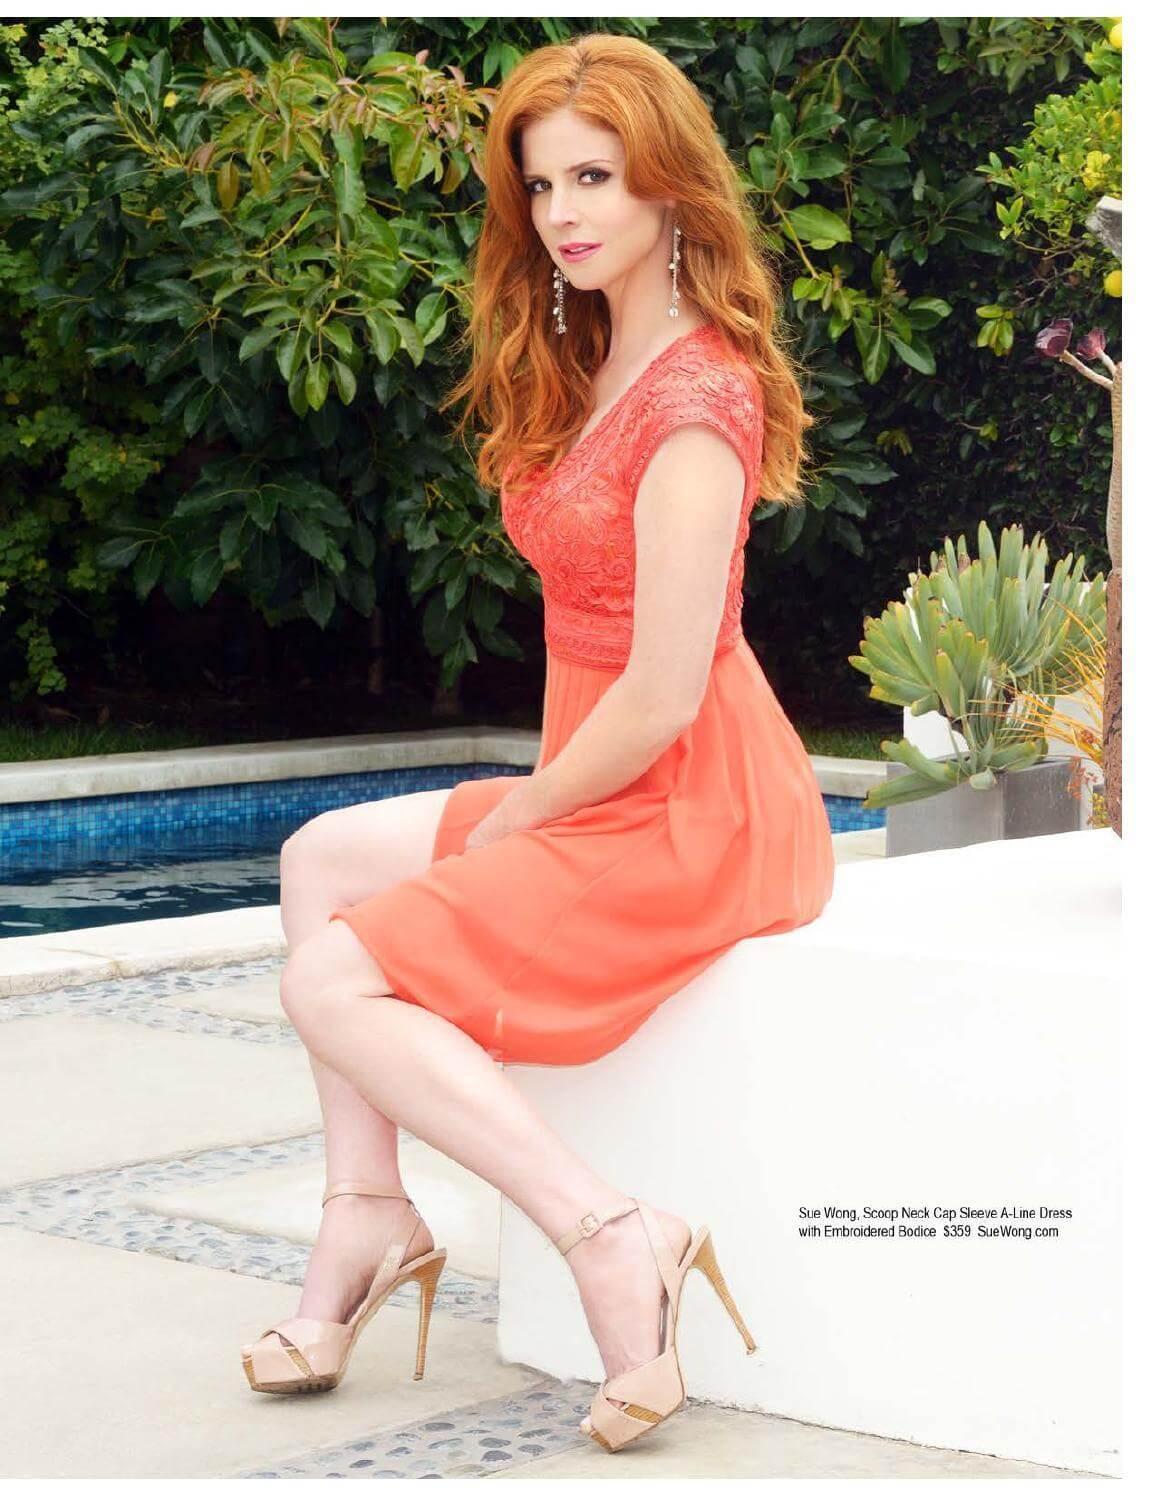 Sarah Rafferty tits pics